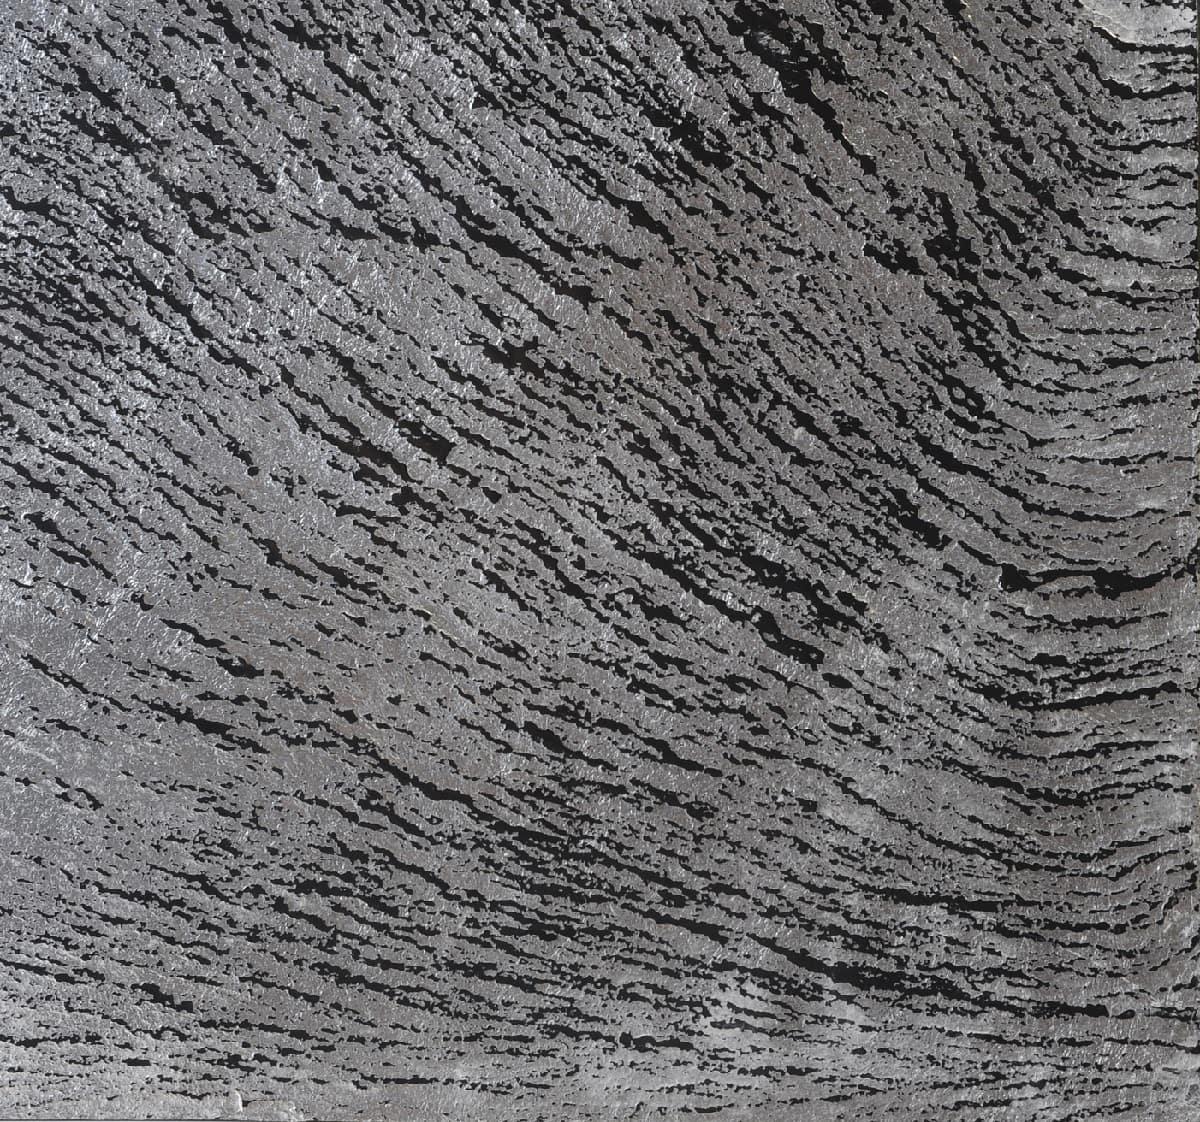 צפחה שחורה בלאק סילבר